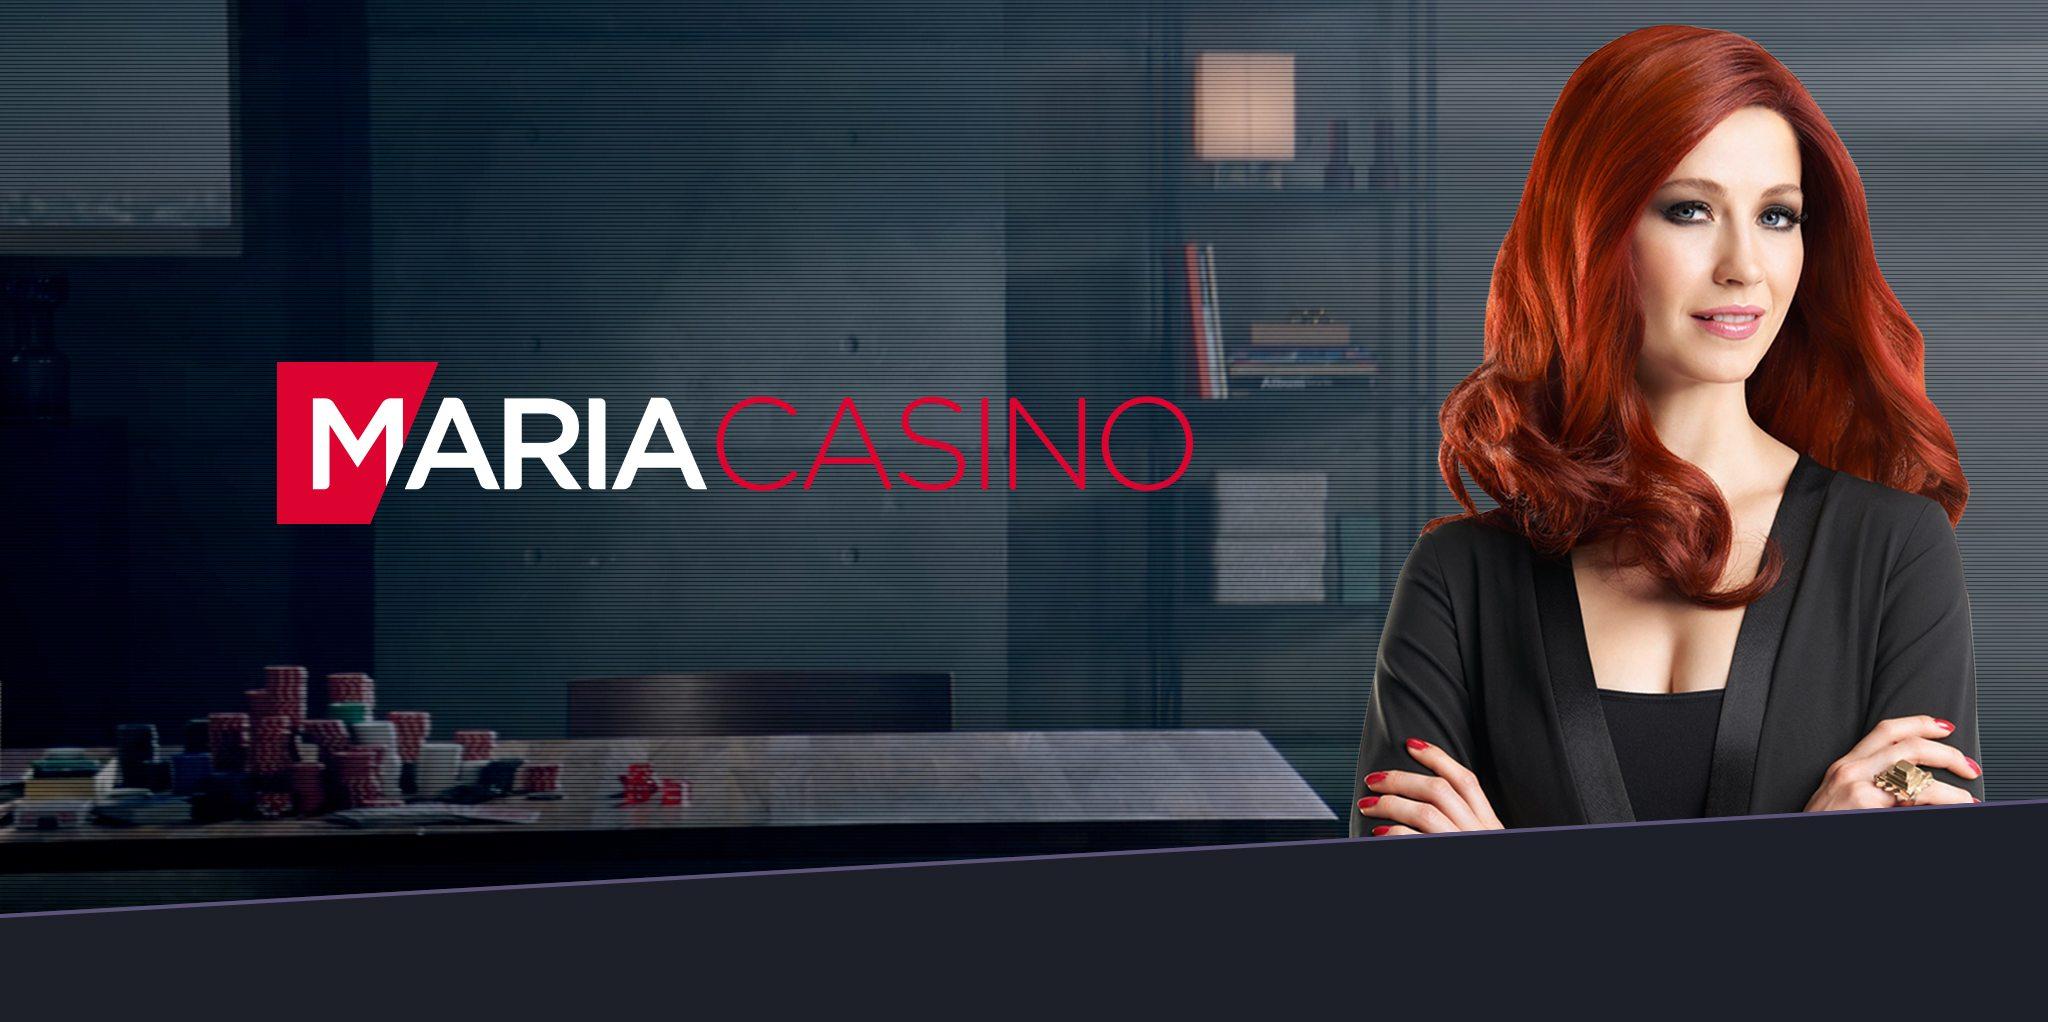 Maria_casino_